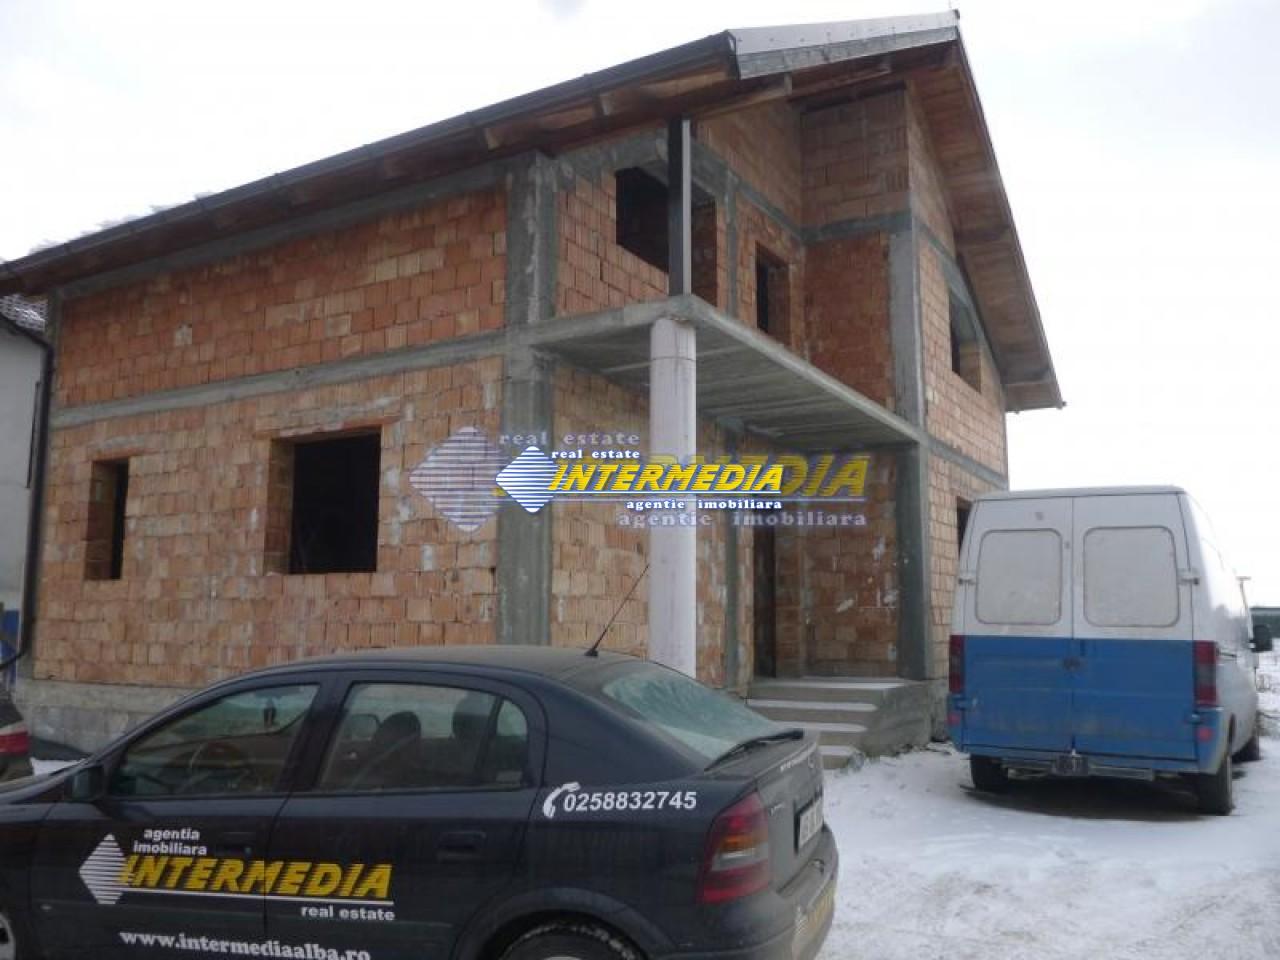 Casa de vanzare Alba Iulia in rosu 40000 Euro-17777-0